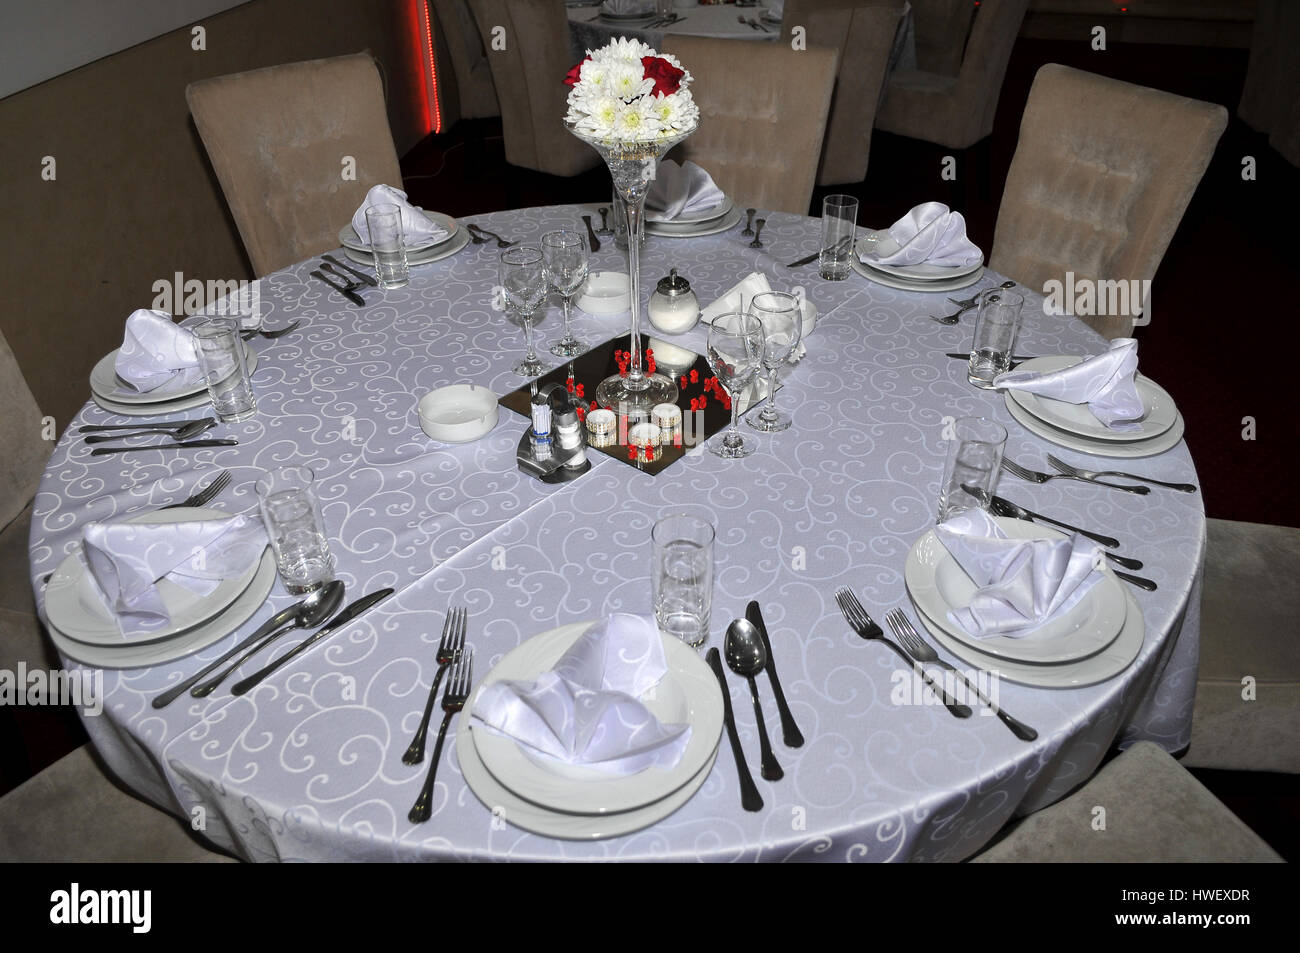 Besteck Mit Bunten Blumen Schmuck Und Duftkerzen Sind Runde Tische